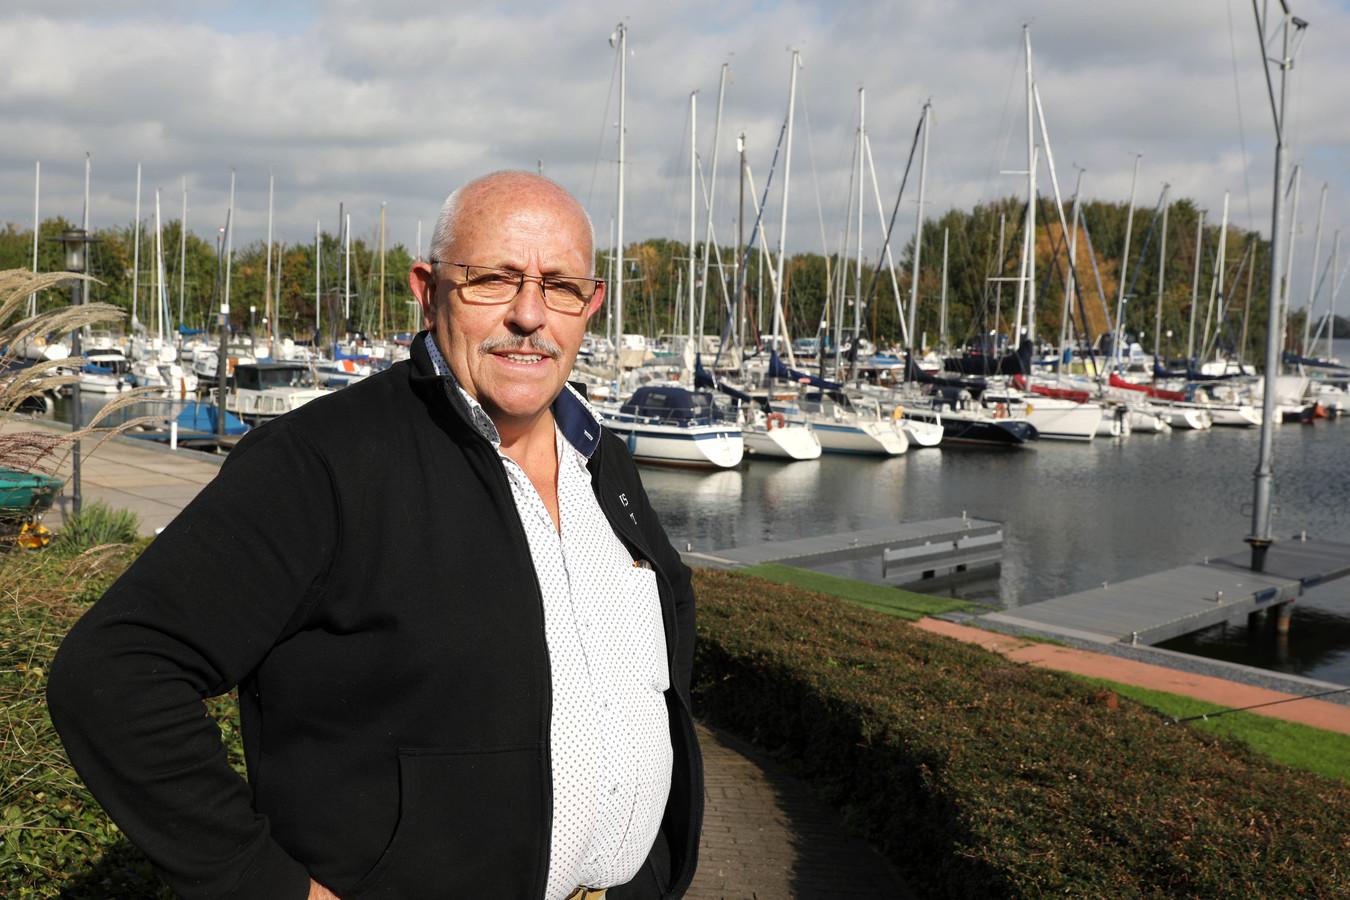 Adri van Uden in de haven van recreatieplas De Gouden Ham in Maasbommel.